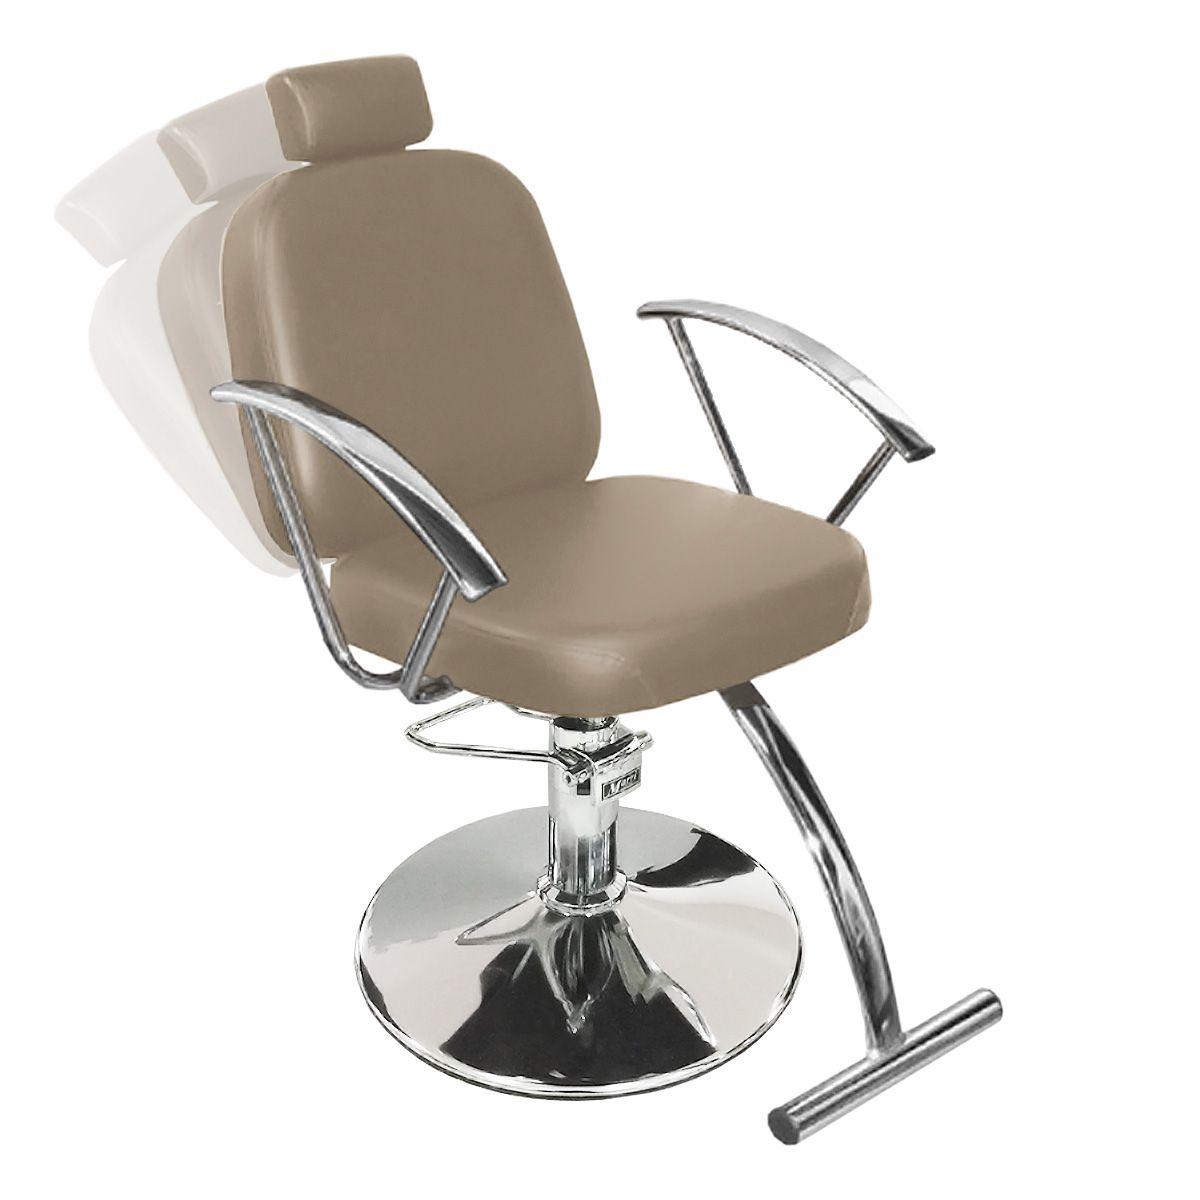 Cadeira de Cabeleireiro Turim Encosto Reclinável - Pé Redondo